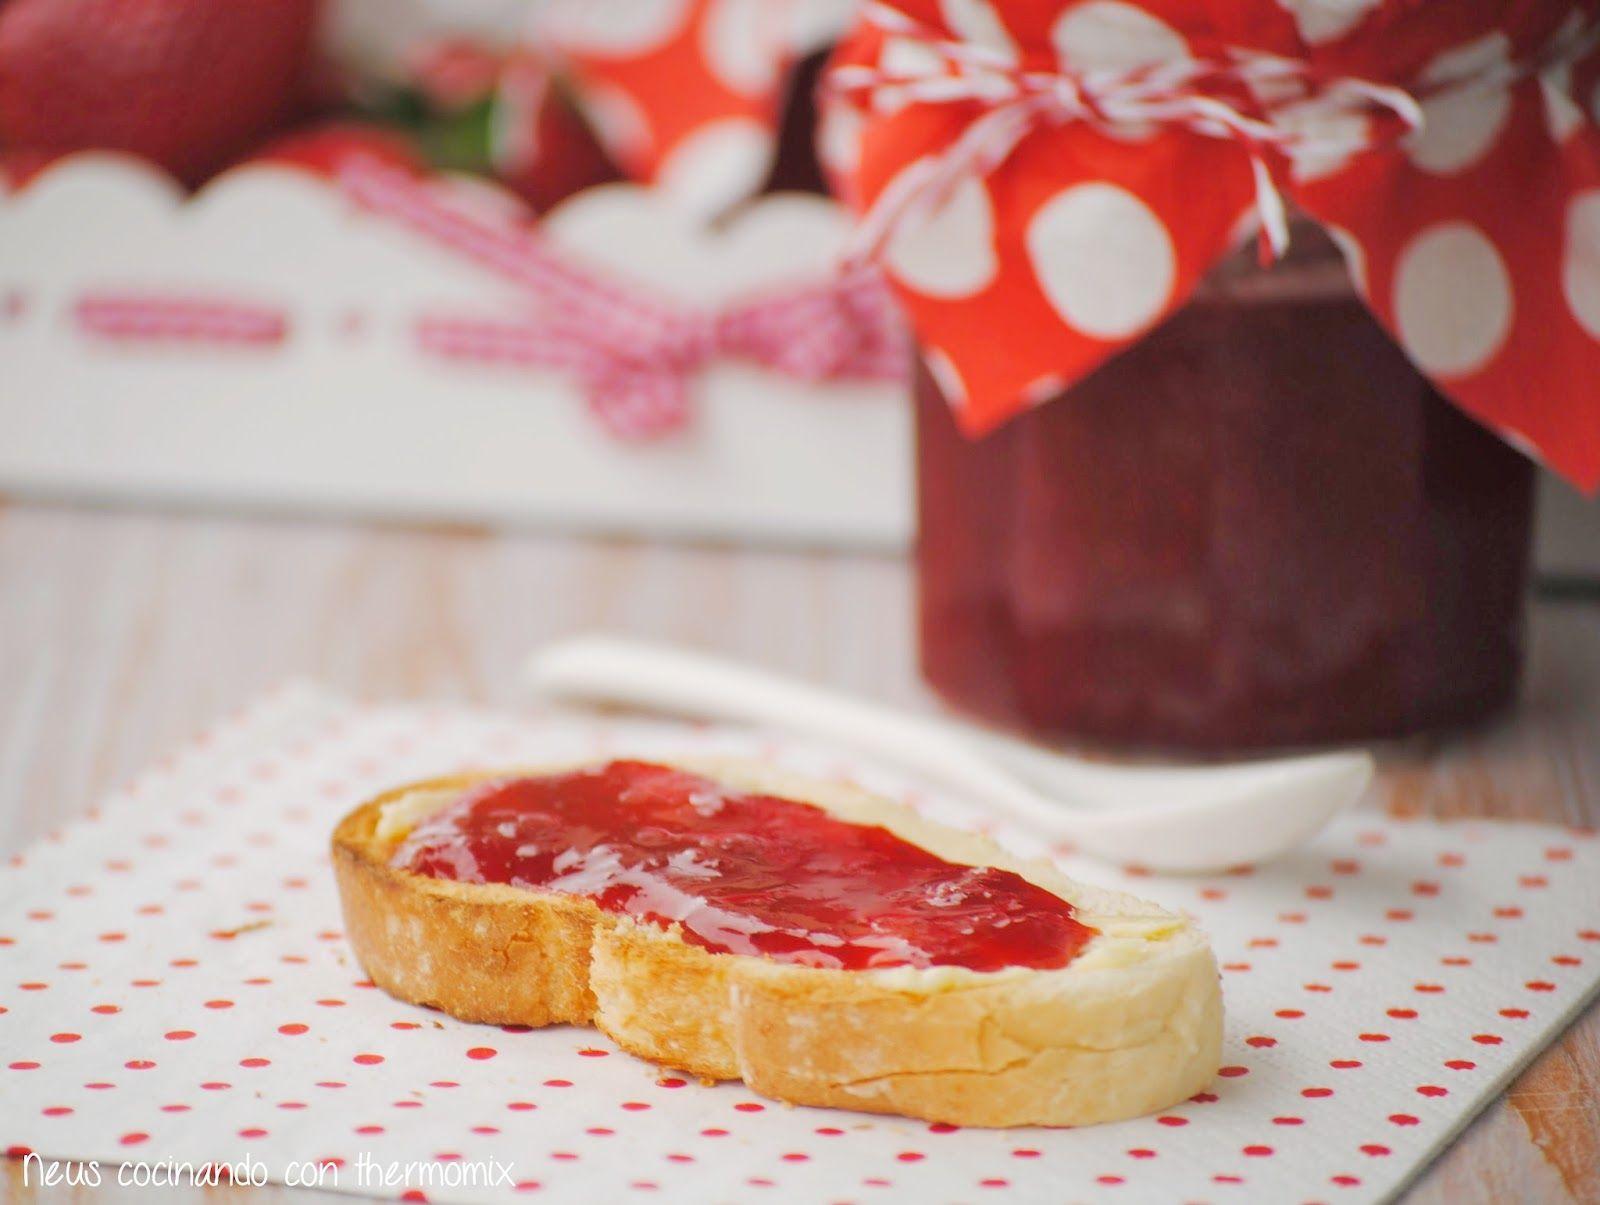 Neus cocinando con Thermomix: Mermelada de fresas